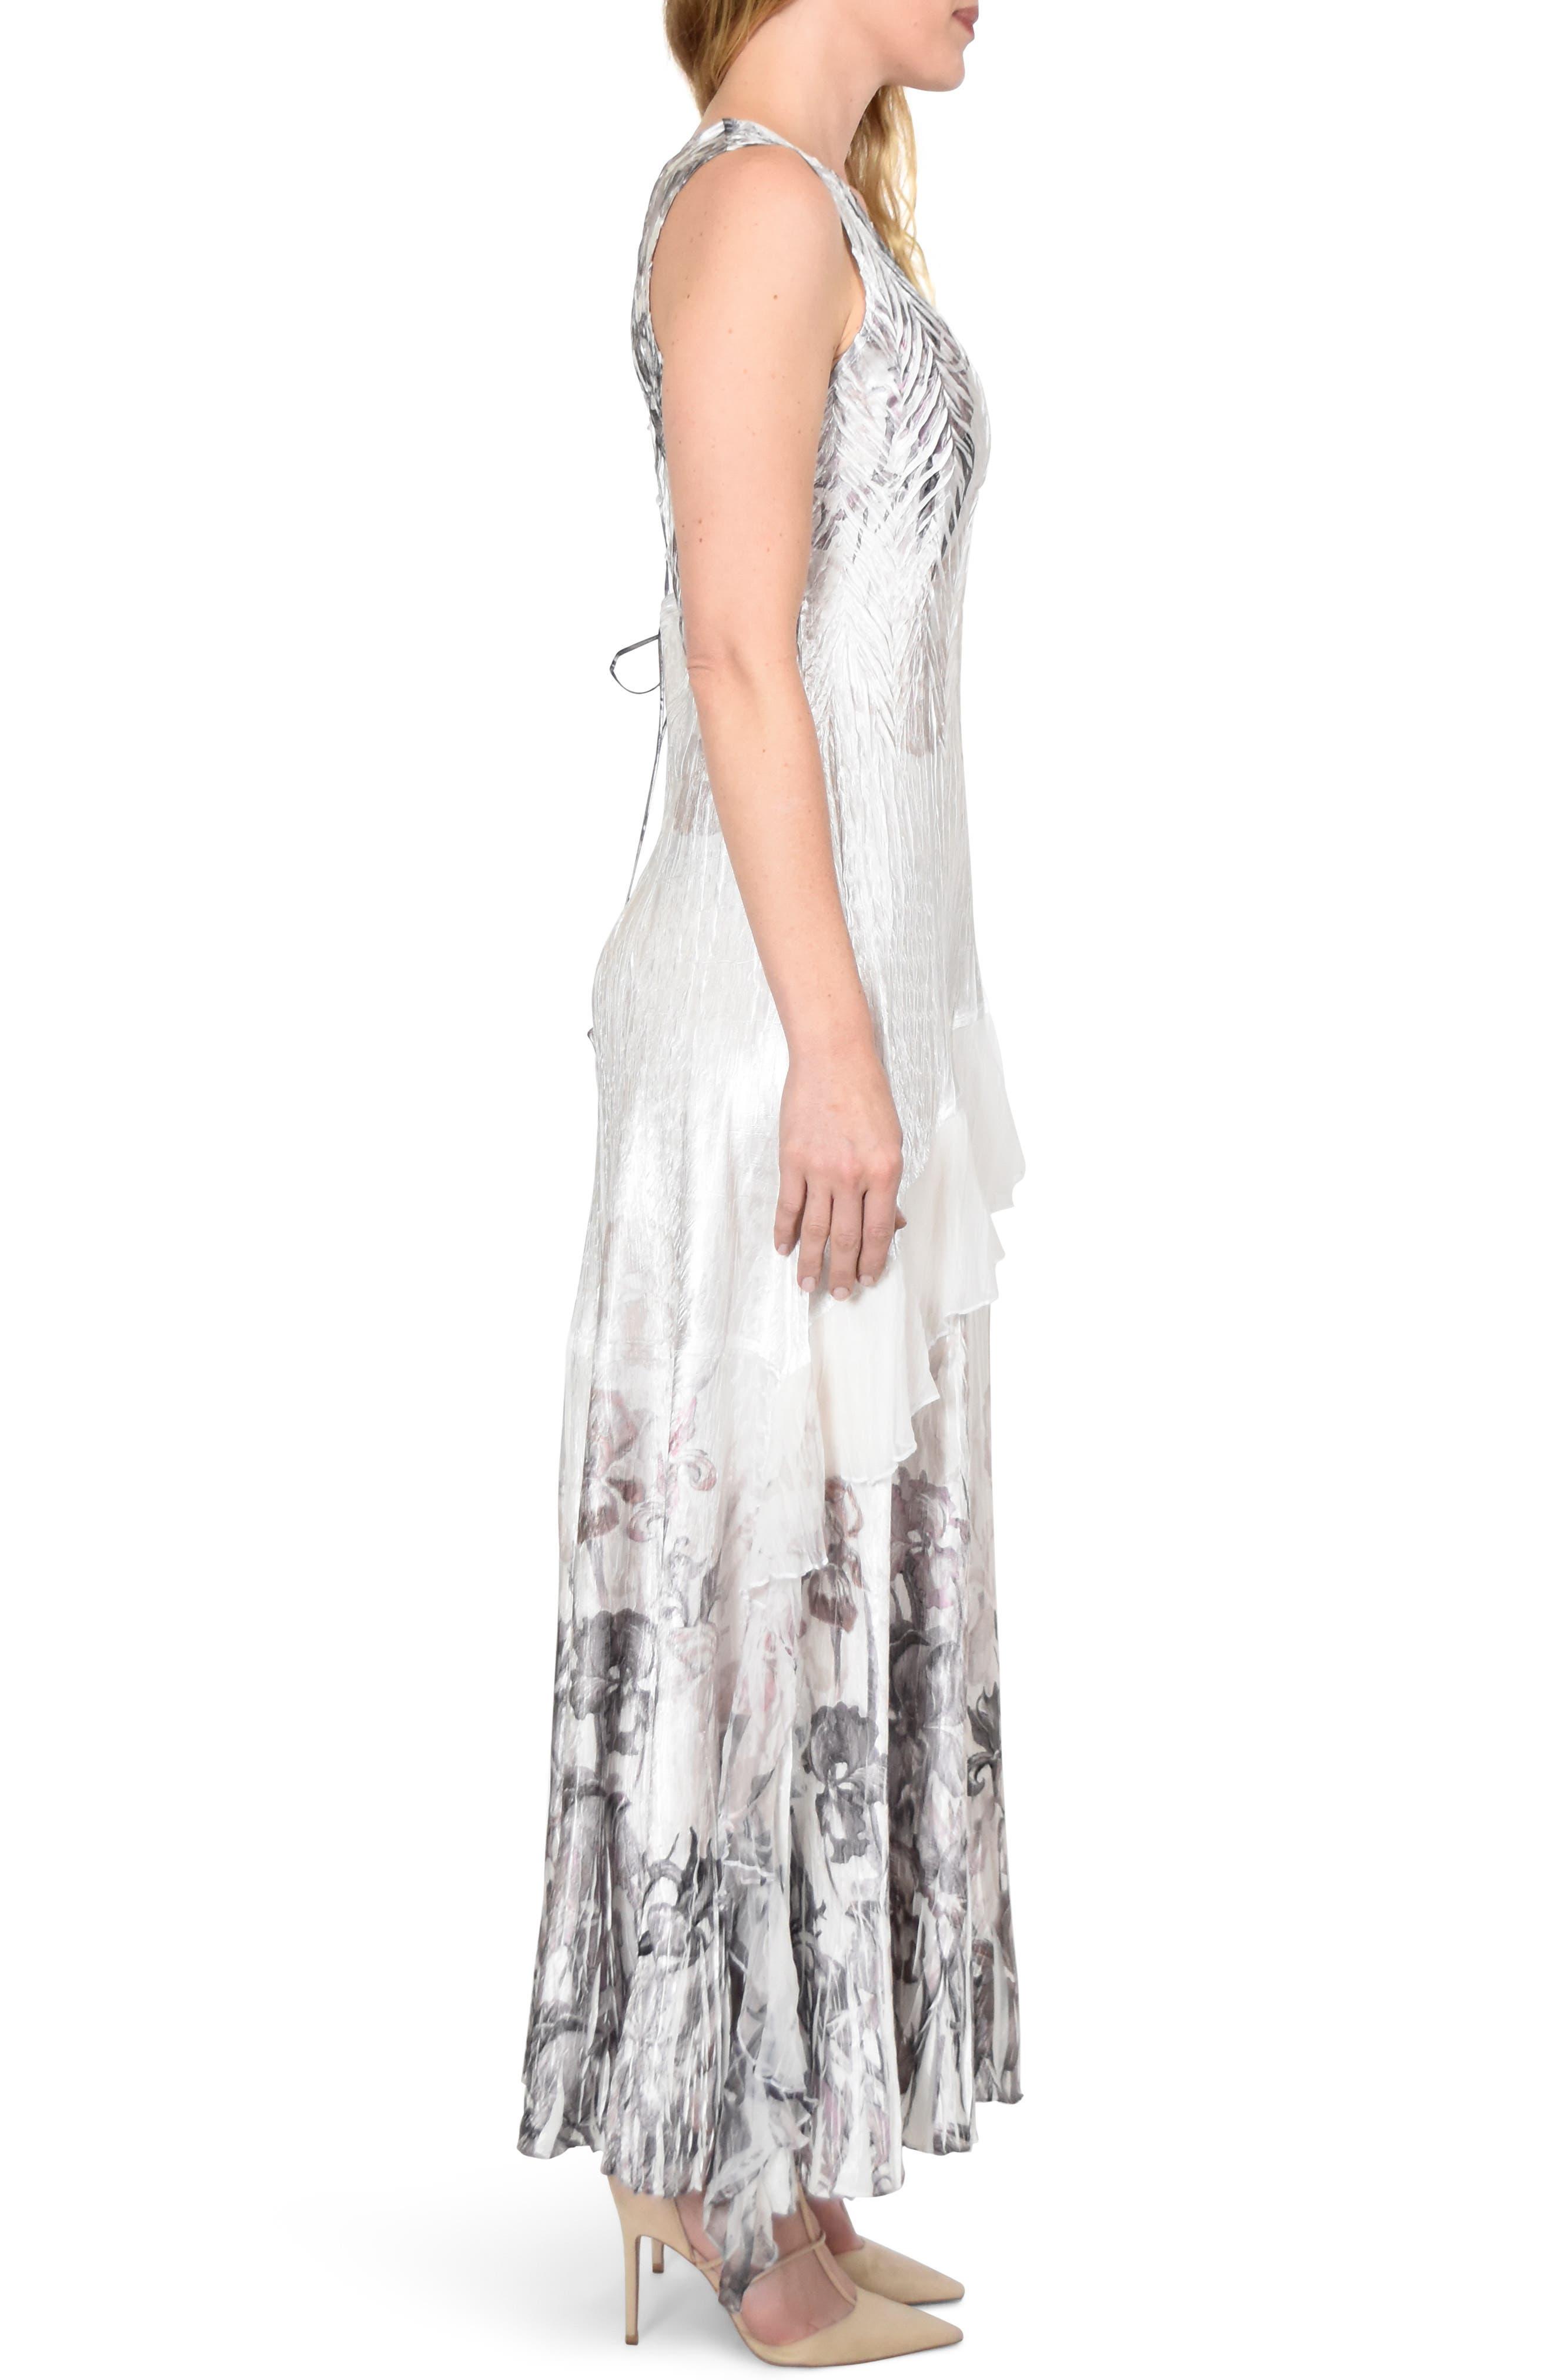 KOMAROV, Charmeuse Dress with Wrap, Alternate thumbnail 3, color, IRIS GARDEN